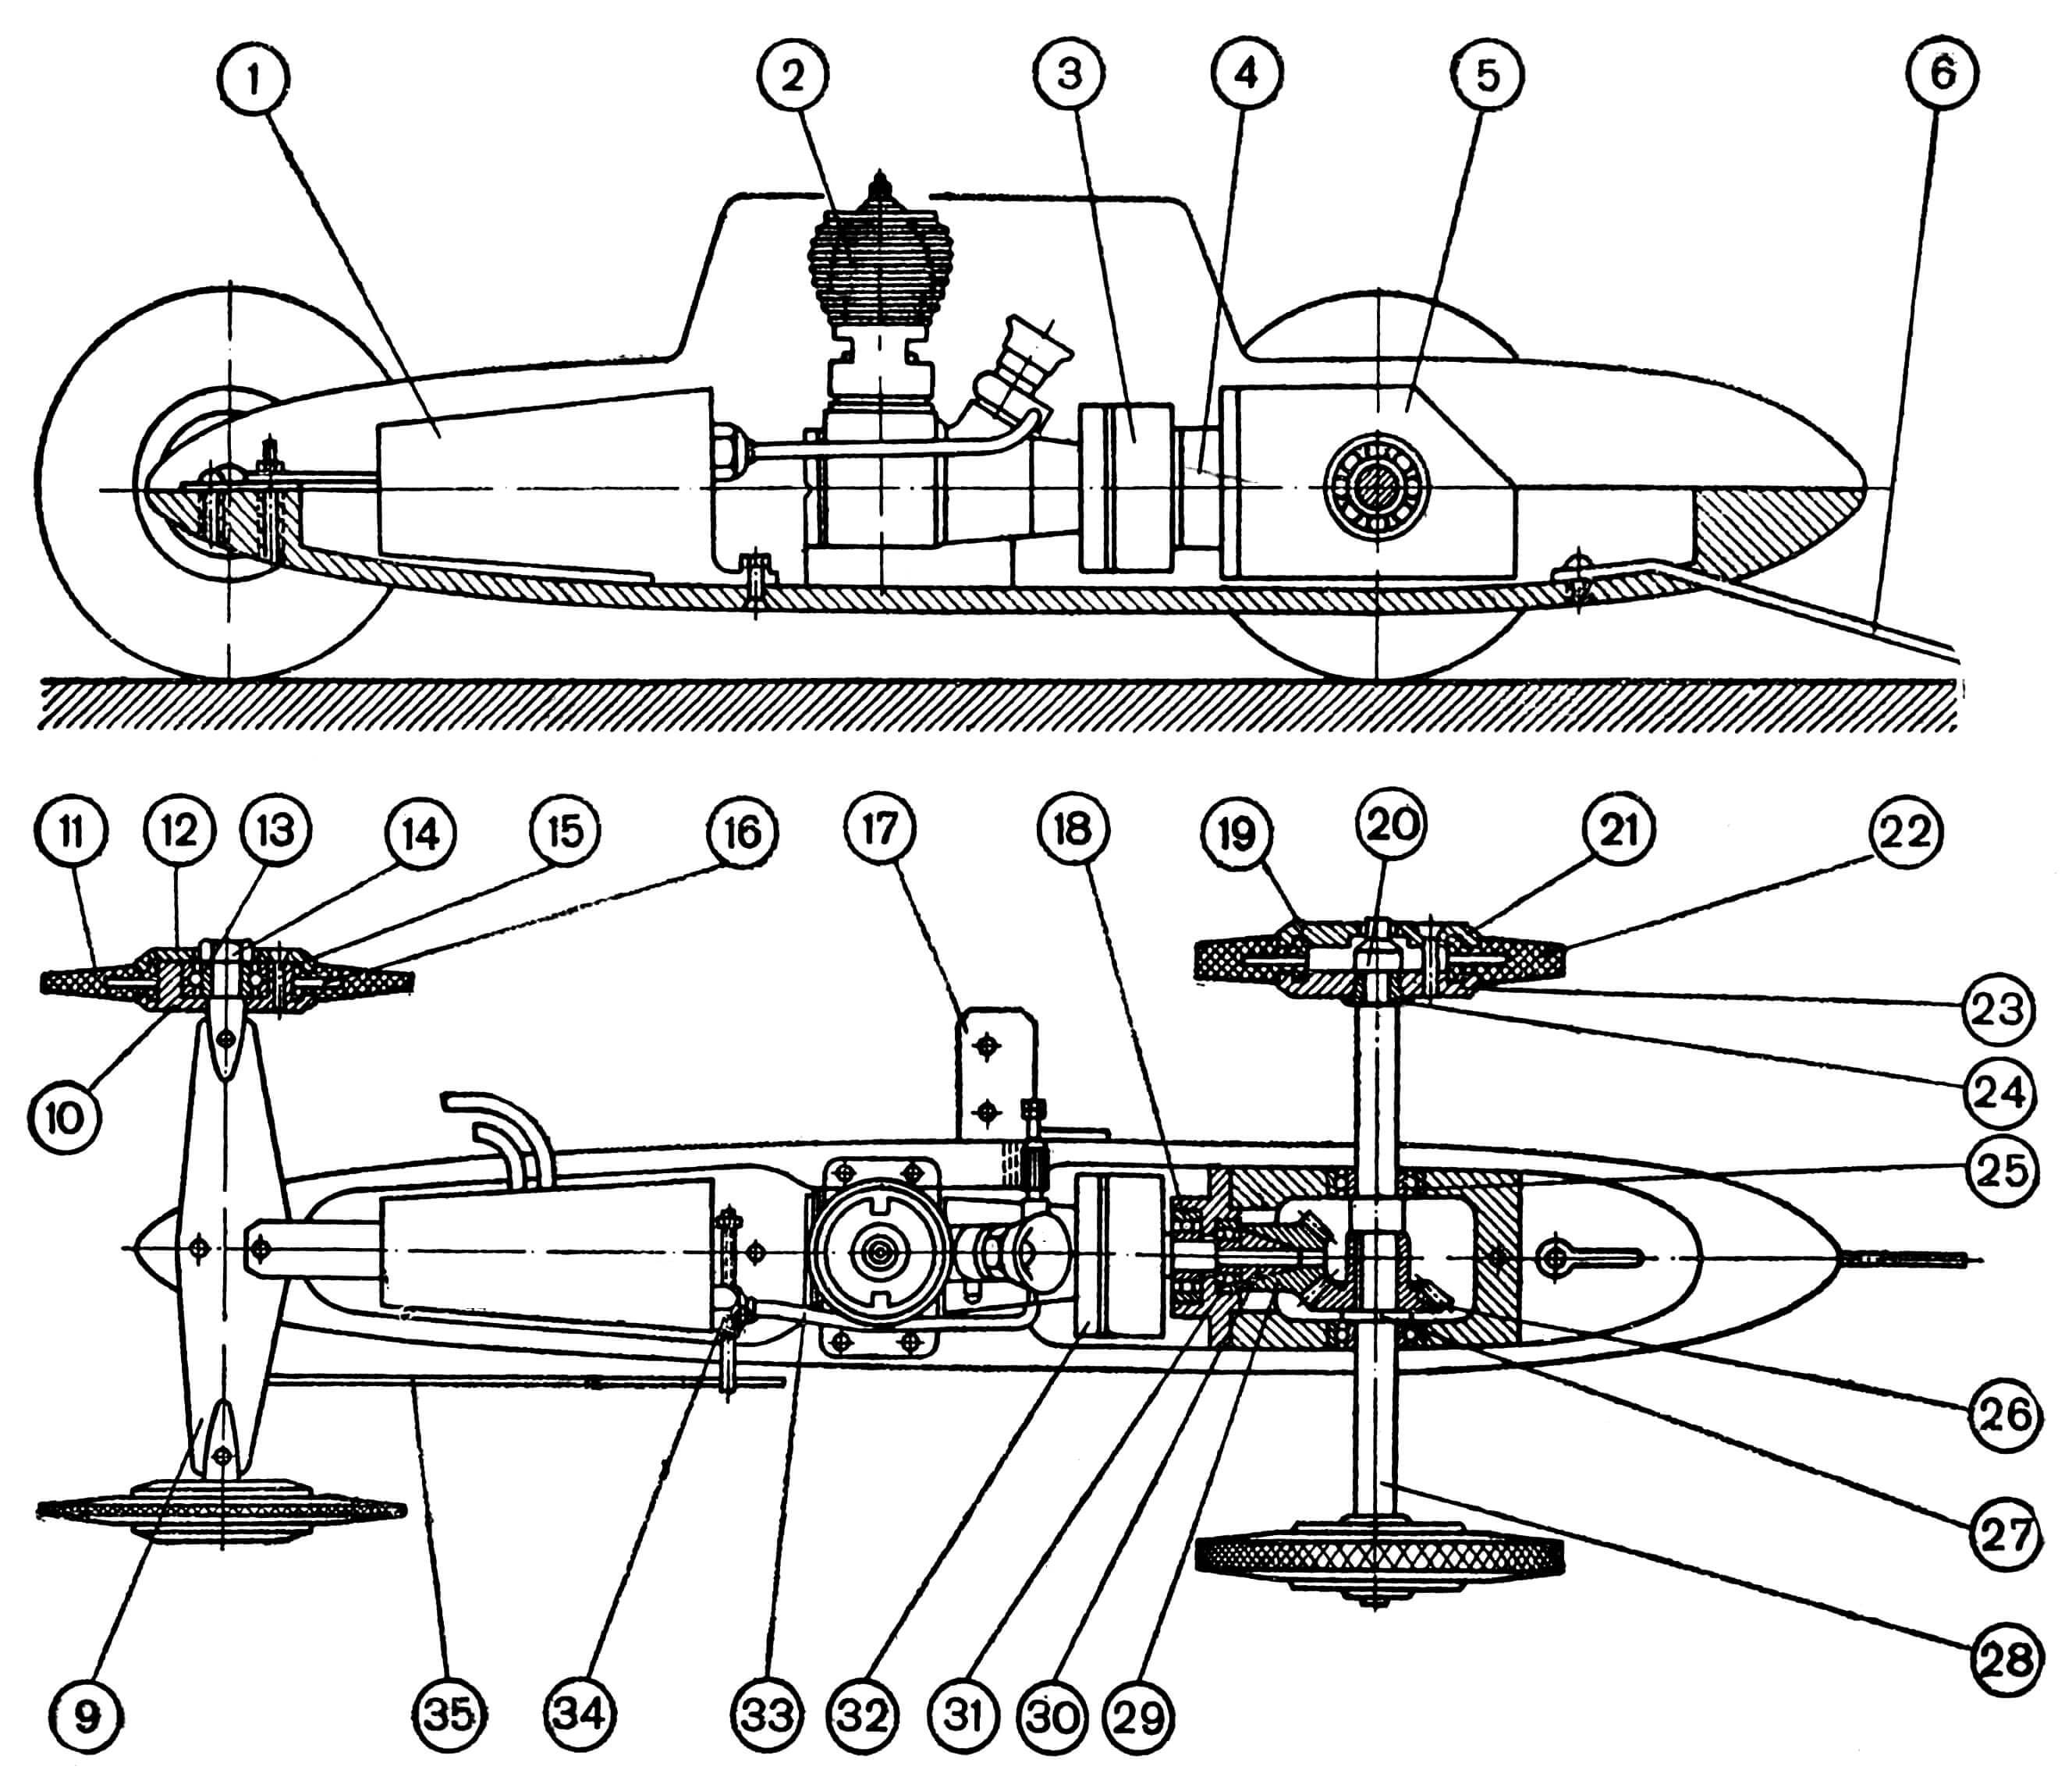 РИС. 1. СБОРОЧНЫЙ ЧЕРТЕЖ МОДЕЛИ ГОНОЧНОГО АВТОМОБИЛЯ (КОНСТРУКЦИИ С. КАЗАНКОВА). 1 — топливный бак (жесть); 2 — двигатель; 3 — вал ведущего зубчатого колеса (сталь 45); 4 — фланец (Д16); 5 — корпус редуктора (Д16); 6 — упорный костыль (проволока ОВС); 7 — крышка (липа); 8 — рама (Д16); 9 — передняя подвеска с двумя полуосями (пружинная сталь и сталь 45); 10 — внутренний диск переднего колеса (Д16); 11 — шина переднего колеса (резина); 12 — наружный диск переднего колеса (Д16); 13 — подшипник; 14 — гайка переднего колеса; 15 — винт переднего колеса М2,6 (с потайной головкой); 16 — диск (латунь); 17 — кронштейн кордовой планки (Д16, уголок); 18 — подшипник; 19 — наружный диск заднего колеса (Д16); 20 — гайка заднего колеса; 21 — винт заднего колеса М3 (с потайной головкой); 22 — шина заднего колеса (резина); 23 — внутренний диск заднего колеса (Д16); 24 — конусная втулка (латунь); 25 _ подшипник; 26 — ведомое зубчатое колесо (сталь 45, m =1, z=25); 27 — шайба (сталь); 28 — ведущая ось (сталь 45); 29 — ведущее зубчатое колесо (сталь 45, m = 1, z = 15); 30 — конусная втулка (латонь); 31 — подшипник; 32 — маховик двигателя (Д16); 33 — топливная трубка (хлорвинил); 34 — краник остановочного приспособления (латунь); 35 — антенна остановочного приспособления (проволока ОВС).